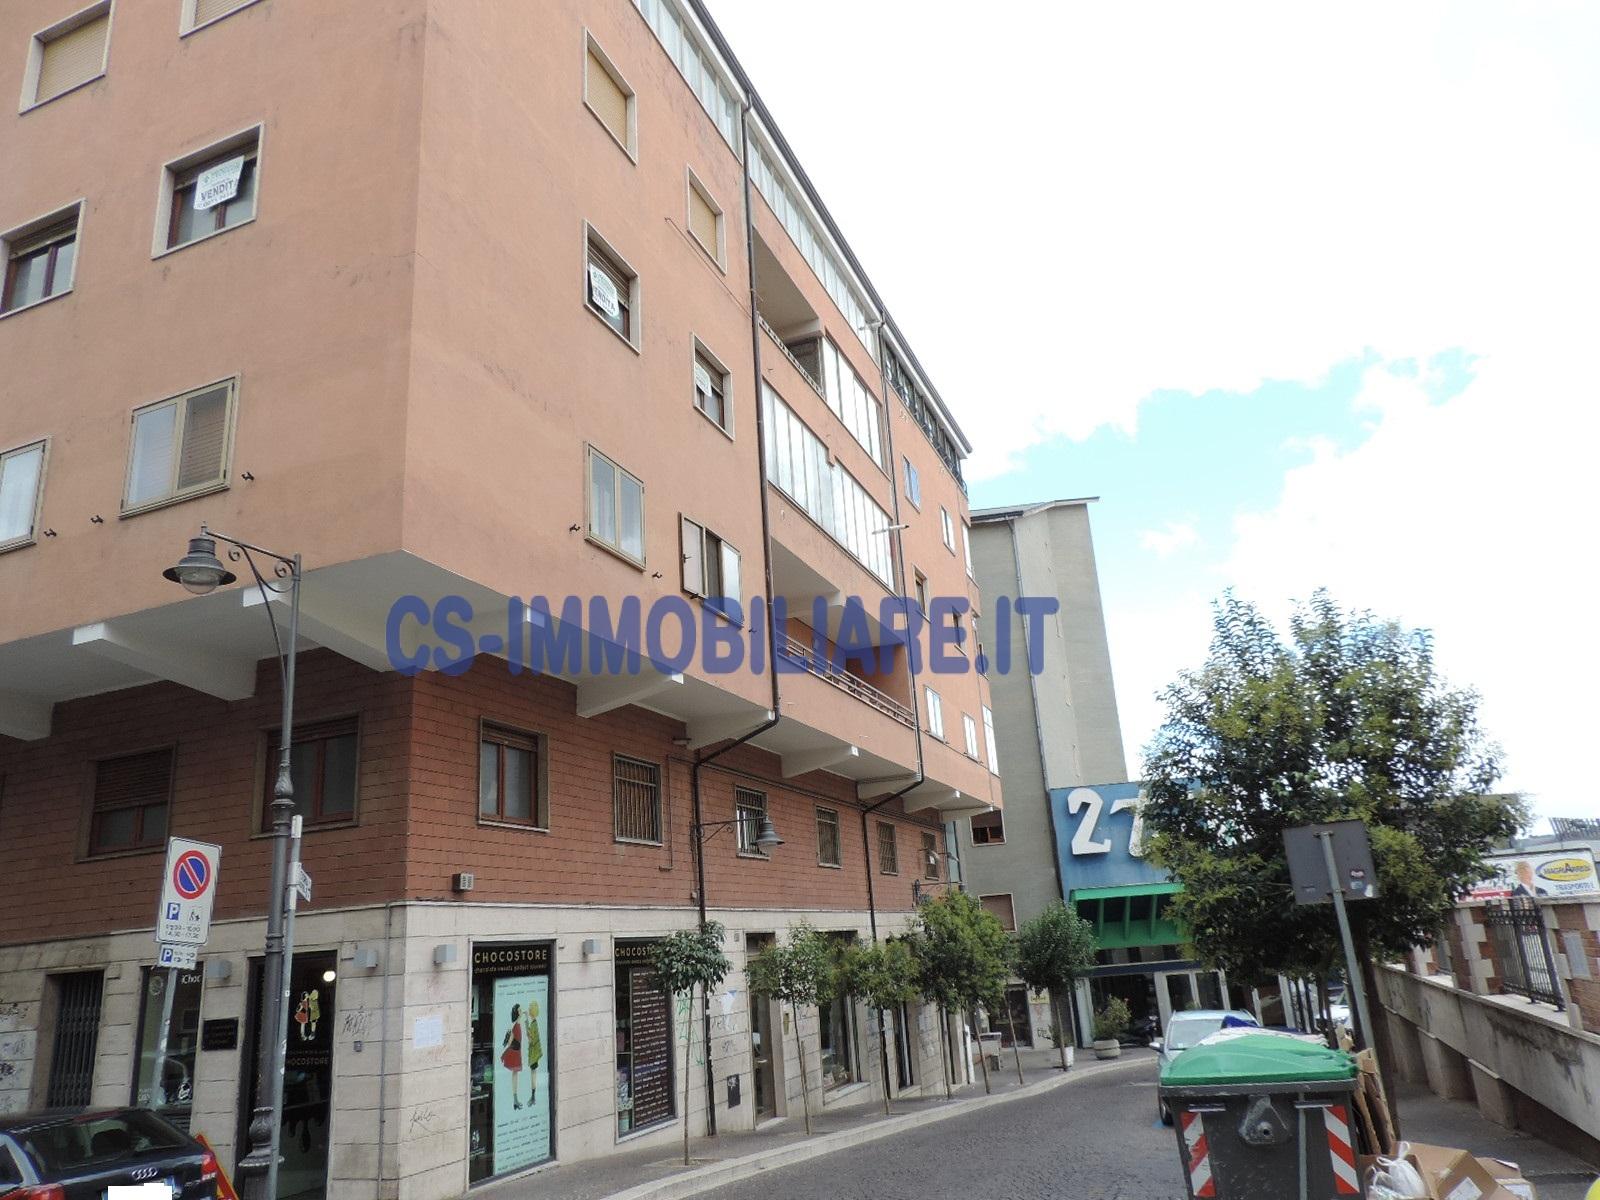 Appartamento in vendita a Potenza, 3 locali, zona Località: Centro, prezzo € 140.000 | Cambio Casa.it